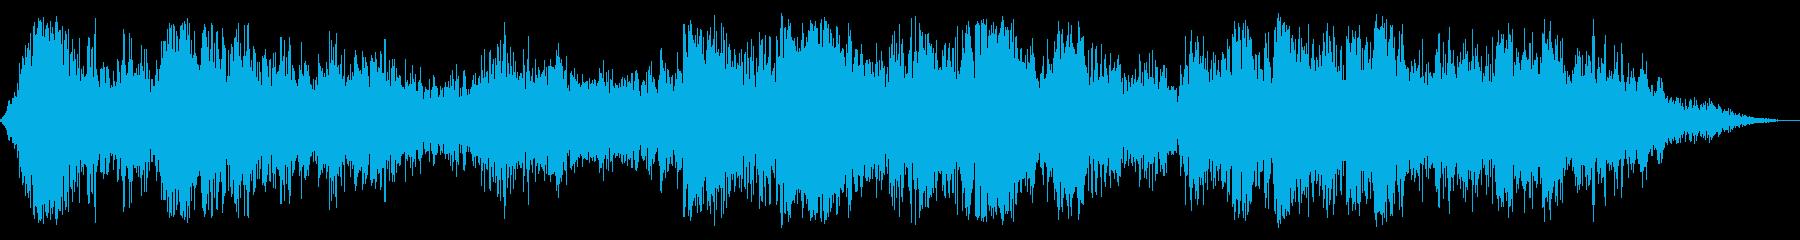 ヘビーコンスタントサンダー、ノーレインの再生済みの波形